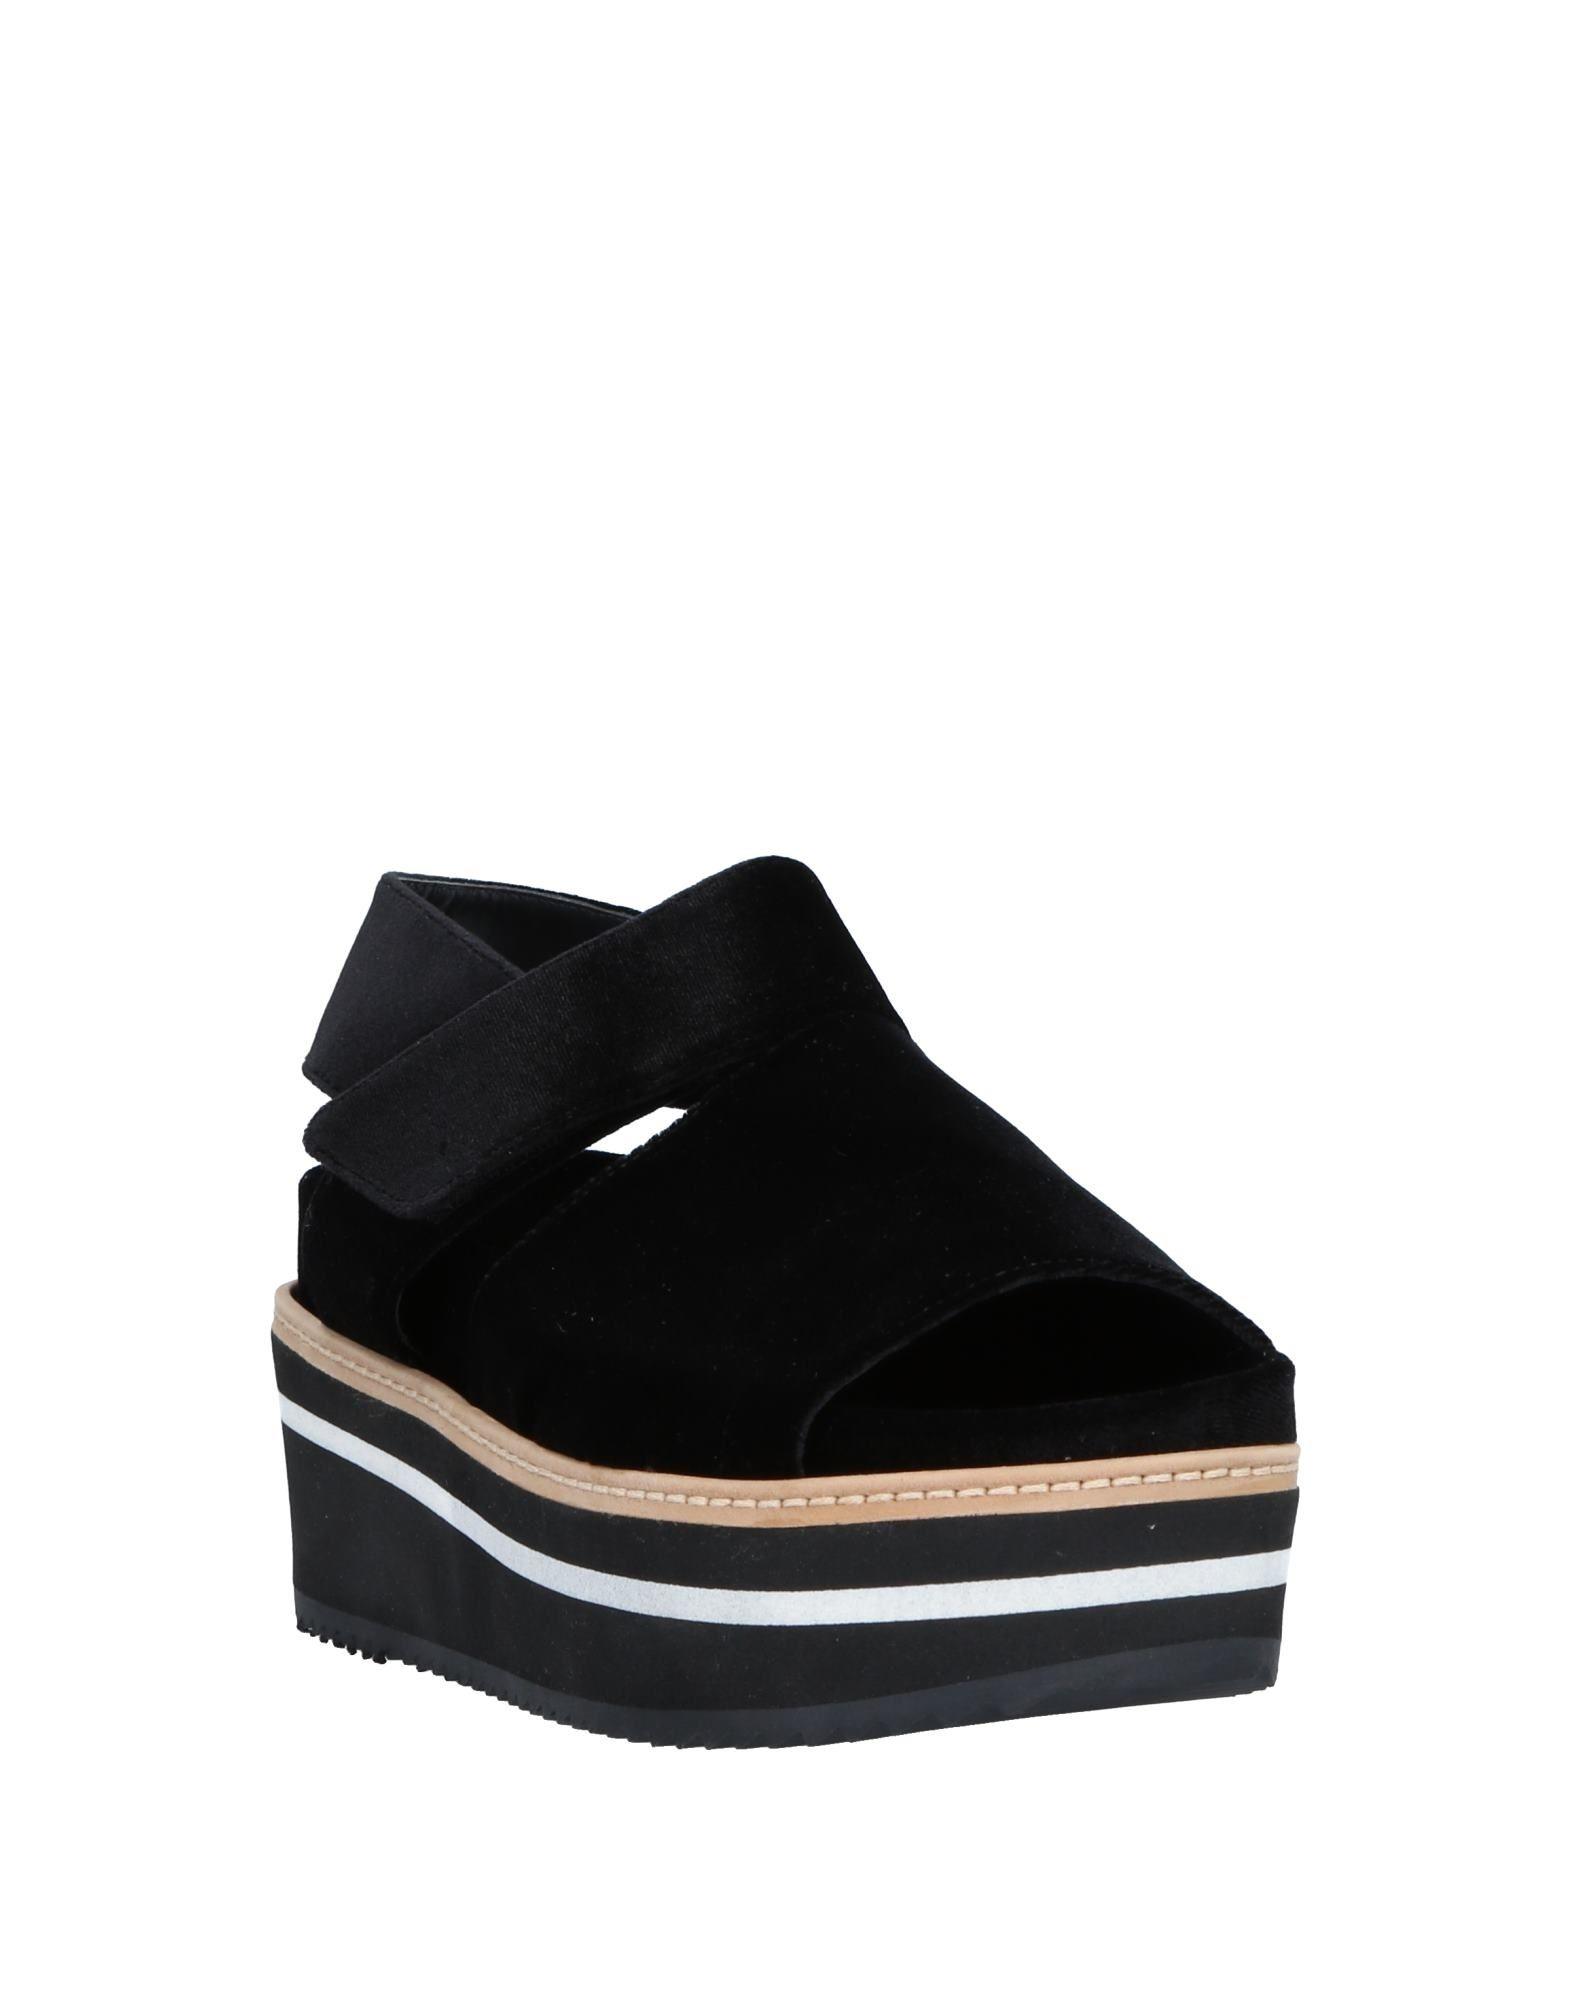 Gut um billige Schuhe Damen zu tragenLiviana Conti Sandalen Damen Schuhe  11538491JU ed6fc9